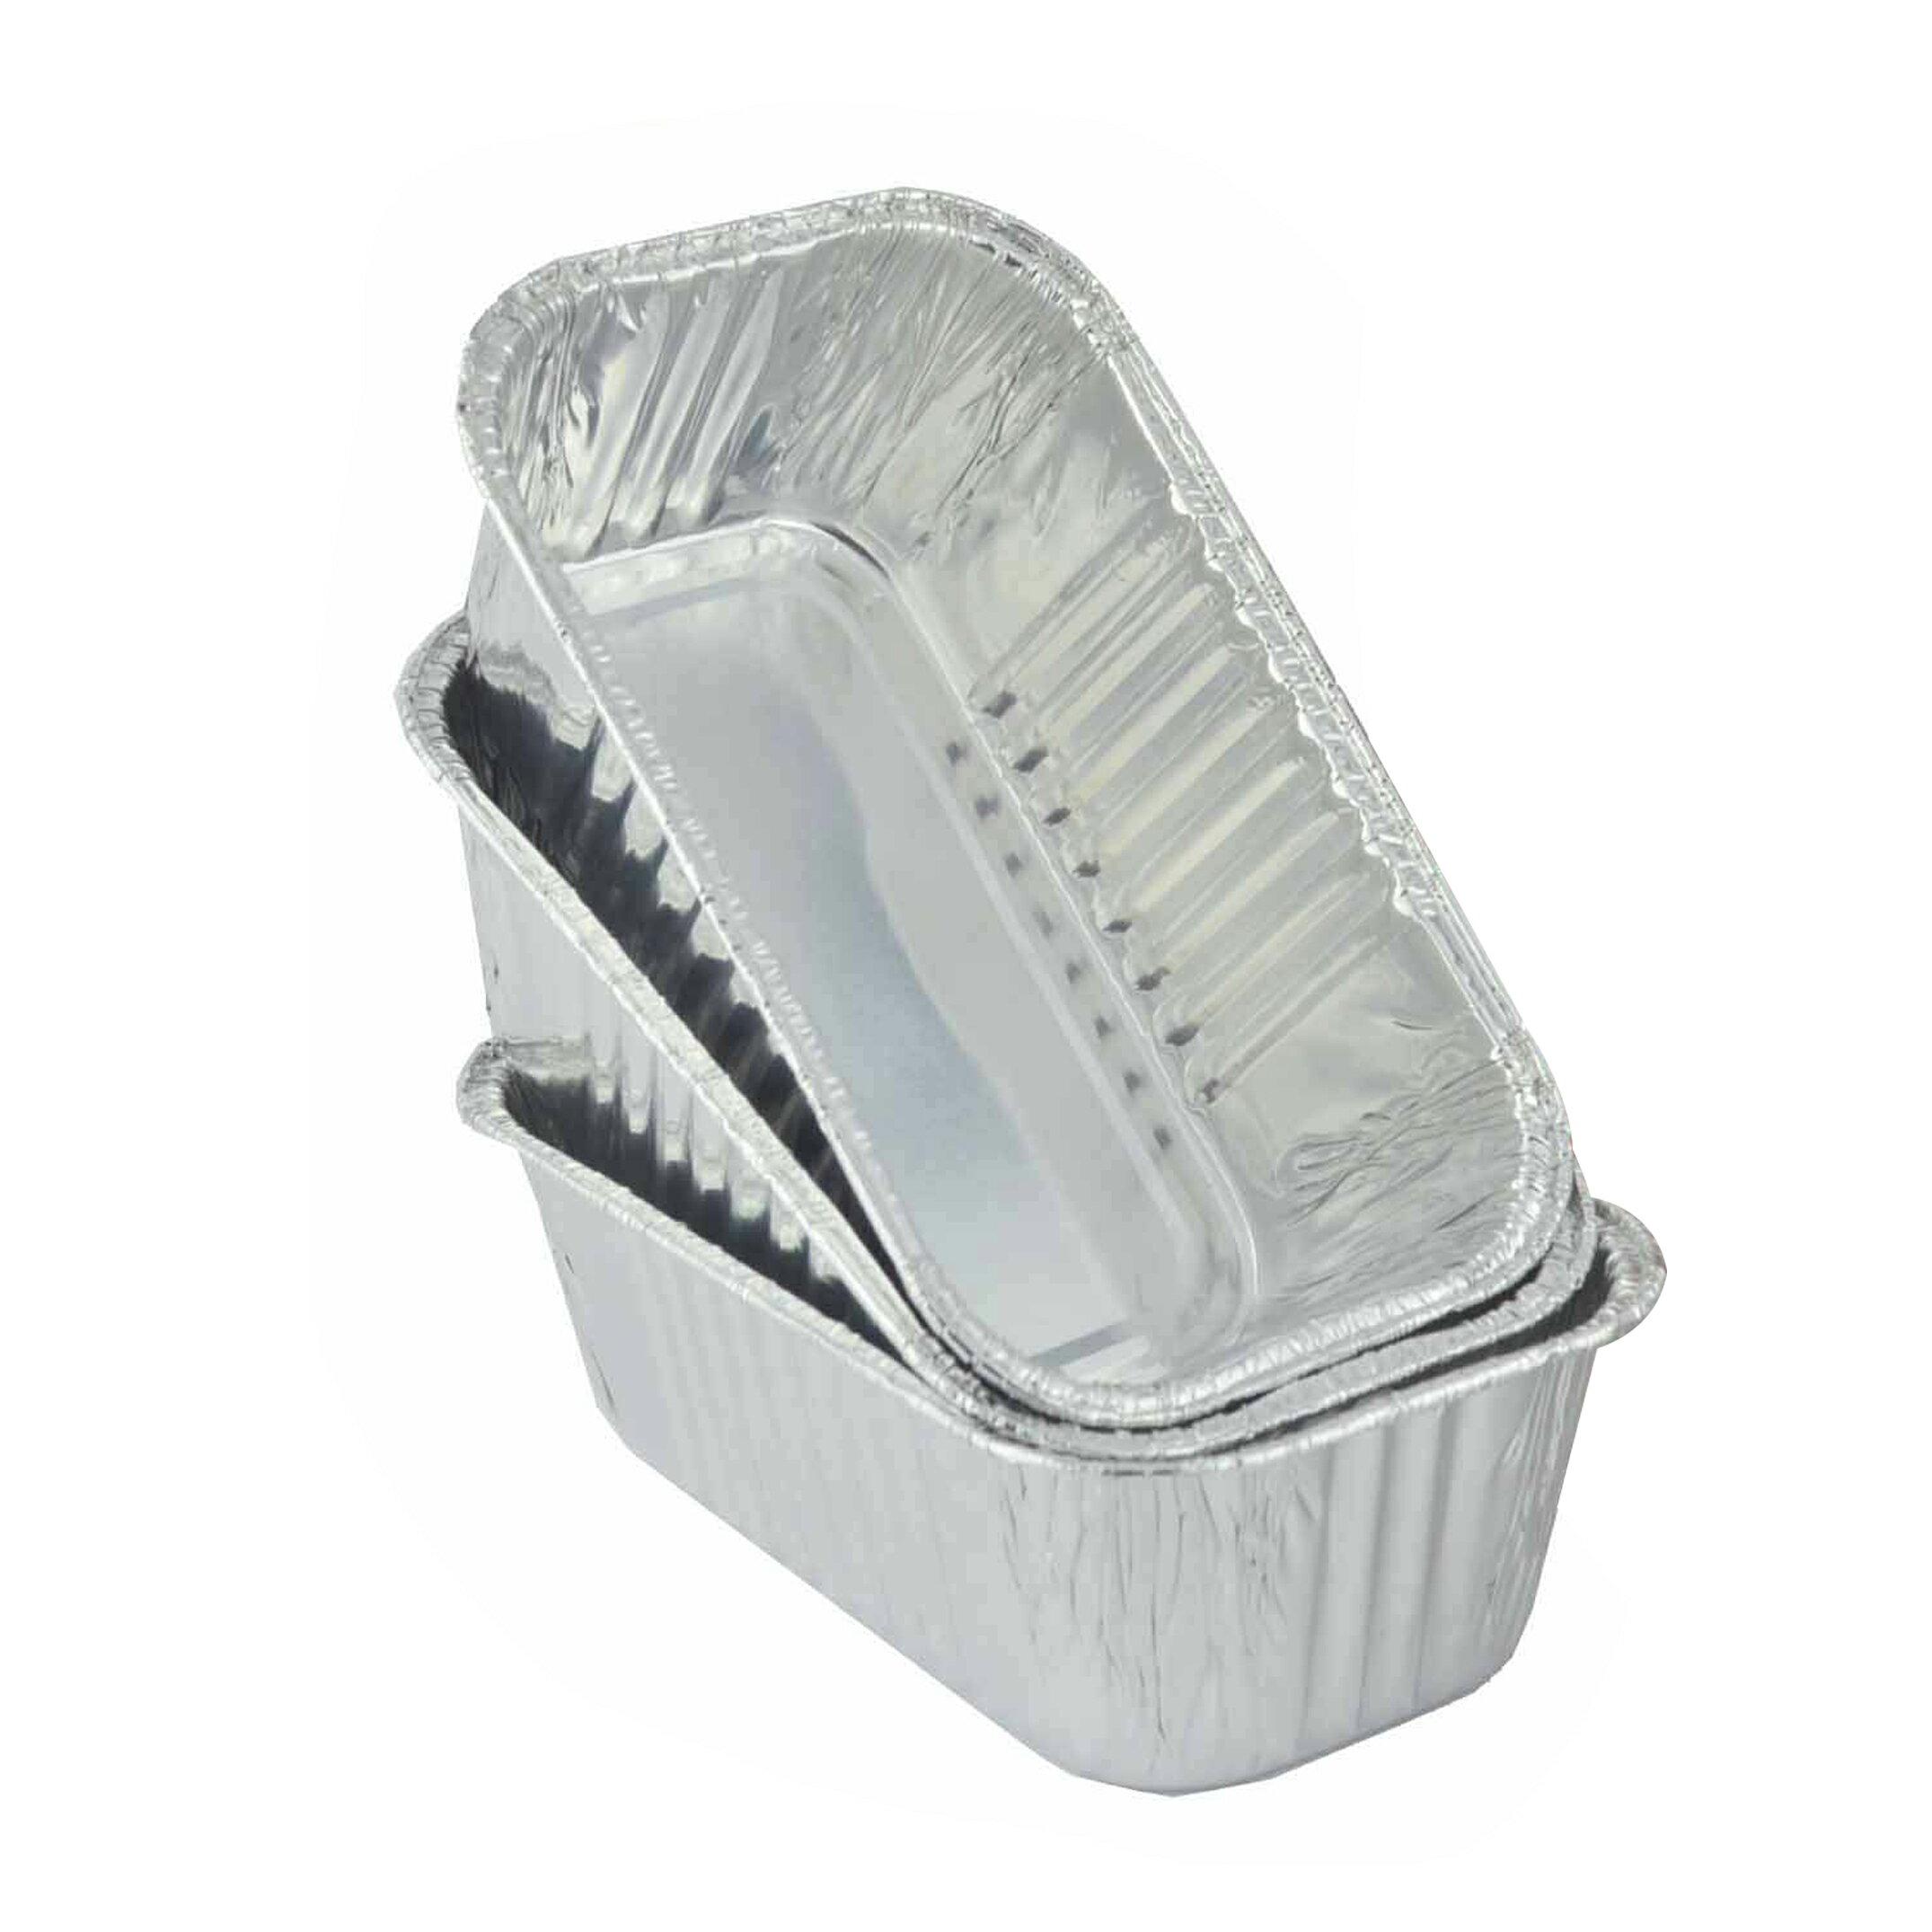 5入鋁箔長方盤NO.2250 鋁箔容器 免洗餐具 麵包盒 鋁箔盒 鋁箔碗 焗烤盒 烤肉鋁箔盒 錫紙盒 燒烤 烘焙盒 烤箱盒